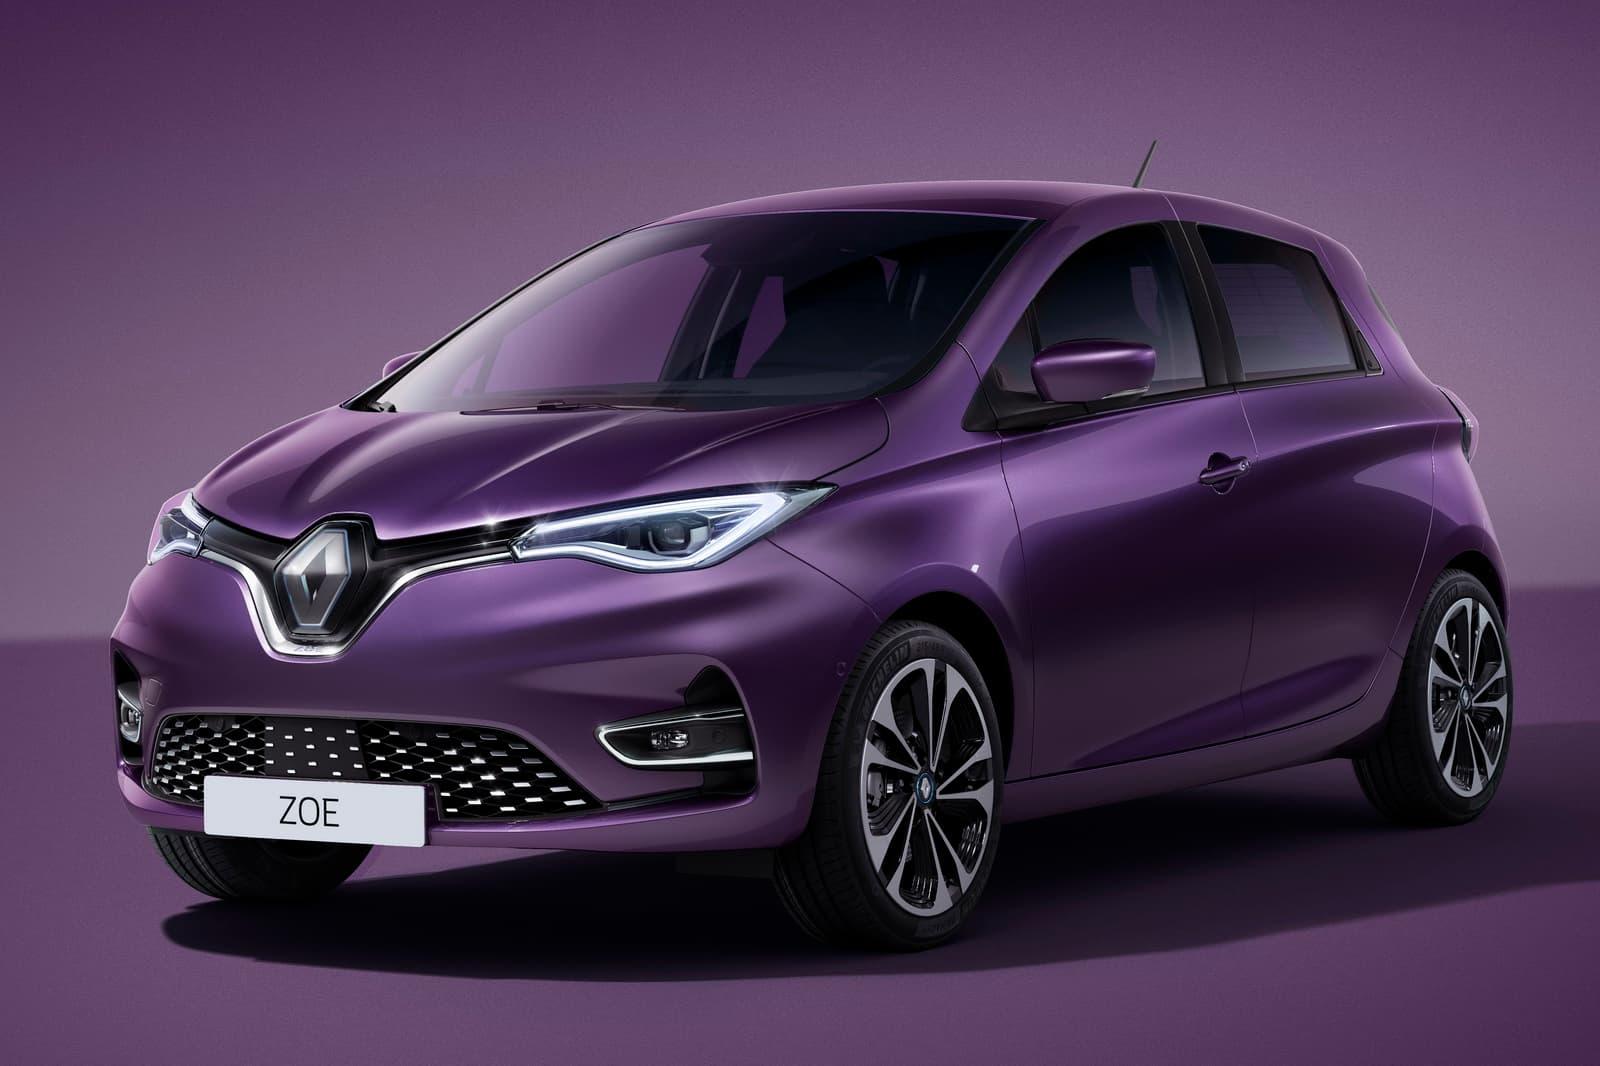 Renault Zoé la voiture éléctrique boostée par le bonus écologique et la prime à la conversion. Prix de la star électrique de la marque au losange en 2020 rest tout de même élevé ! Elle sera directement en concurrence avec la toute nouvelle Twingo Z.E.